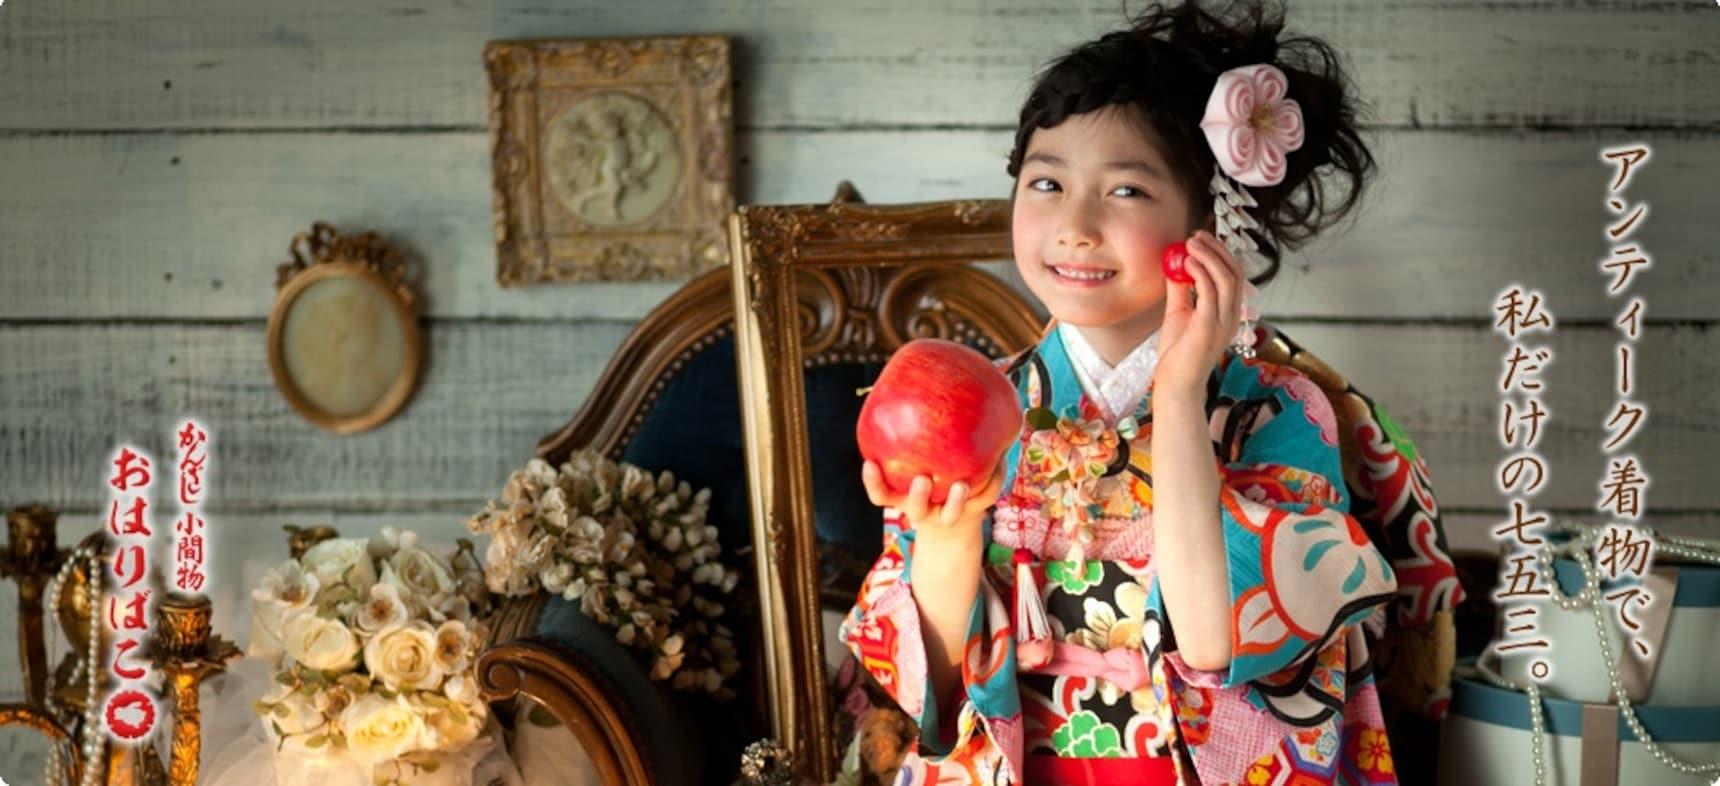 6 ร้านของ Wazakka สไตล์ญี่ปุ่นโบราณแต่โมเดิร์น